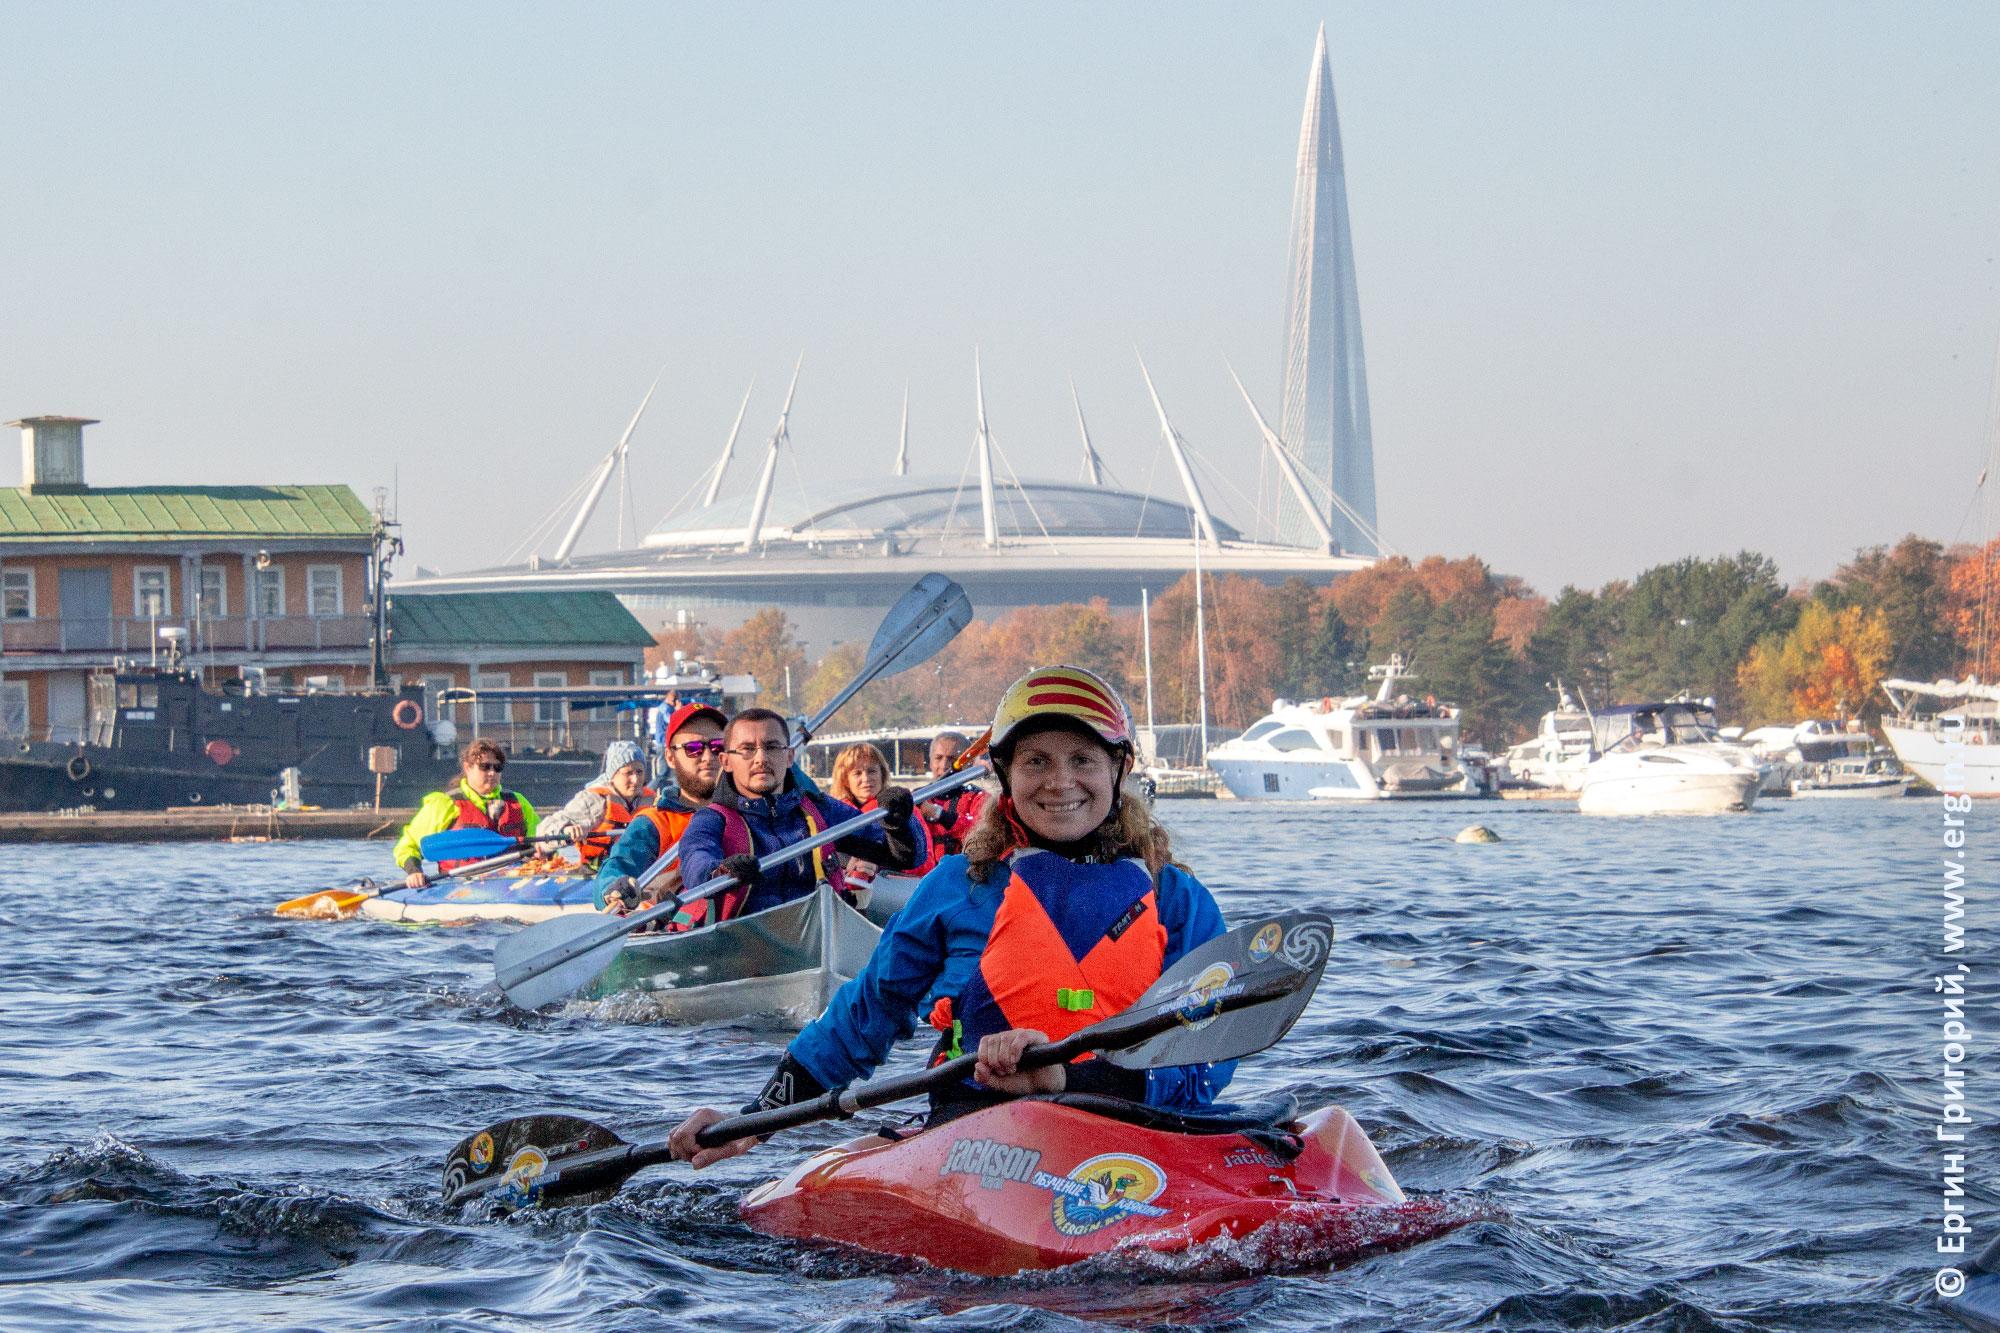 Каякеры гребут на фоне стадиона Петербург и башни Газпрома по Невке